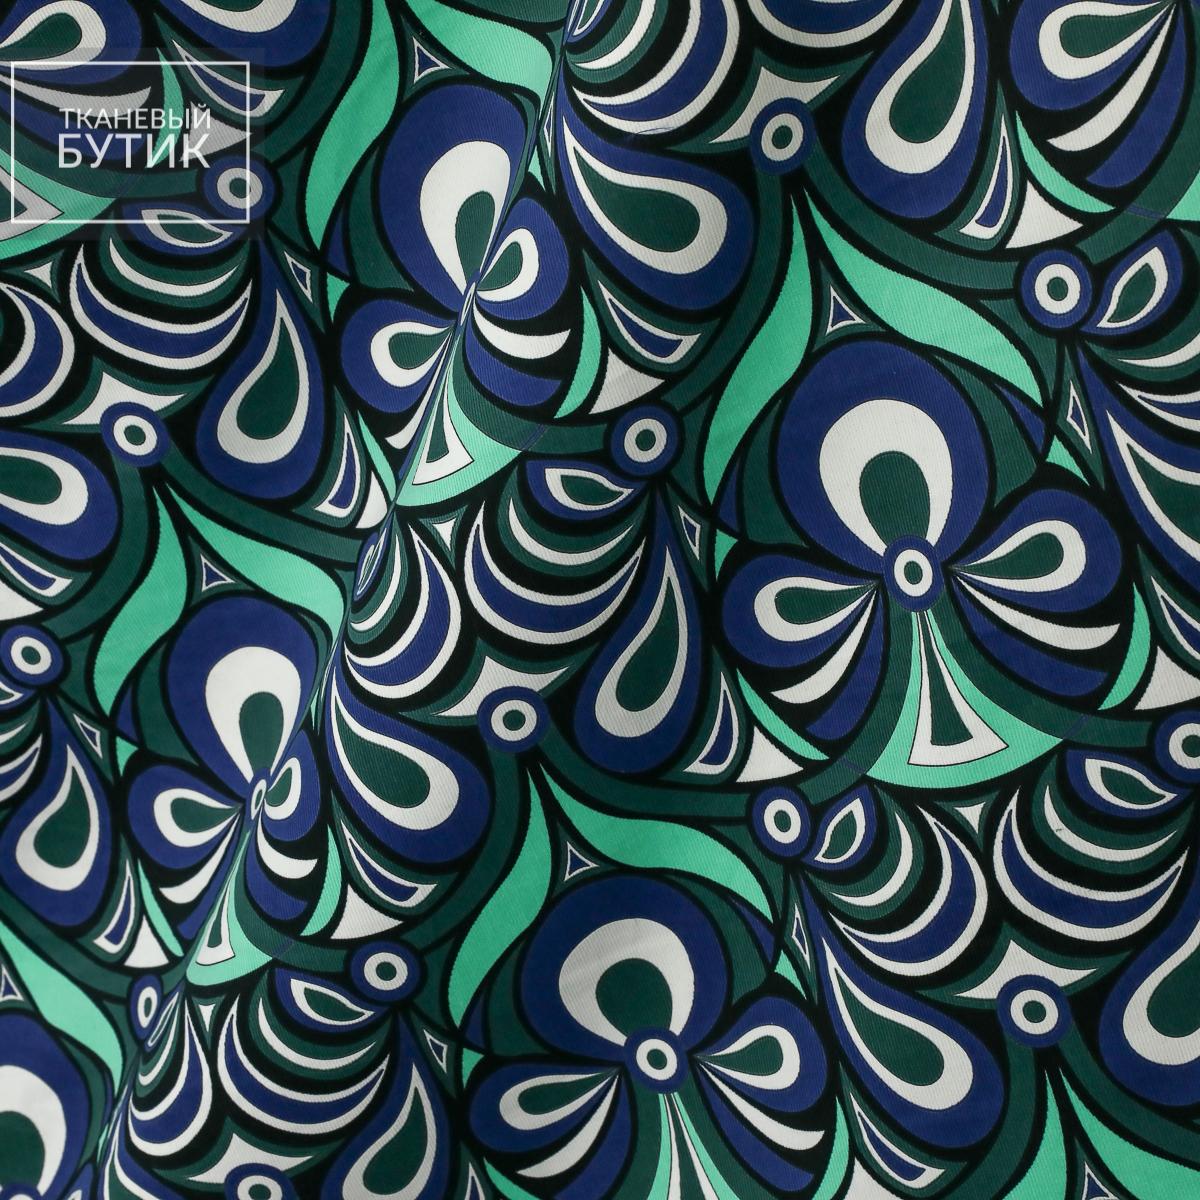 Хлопковый микровельвет с геометрическим орнаментом